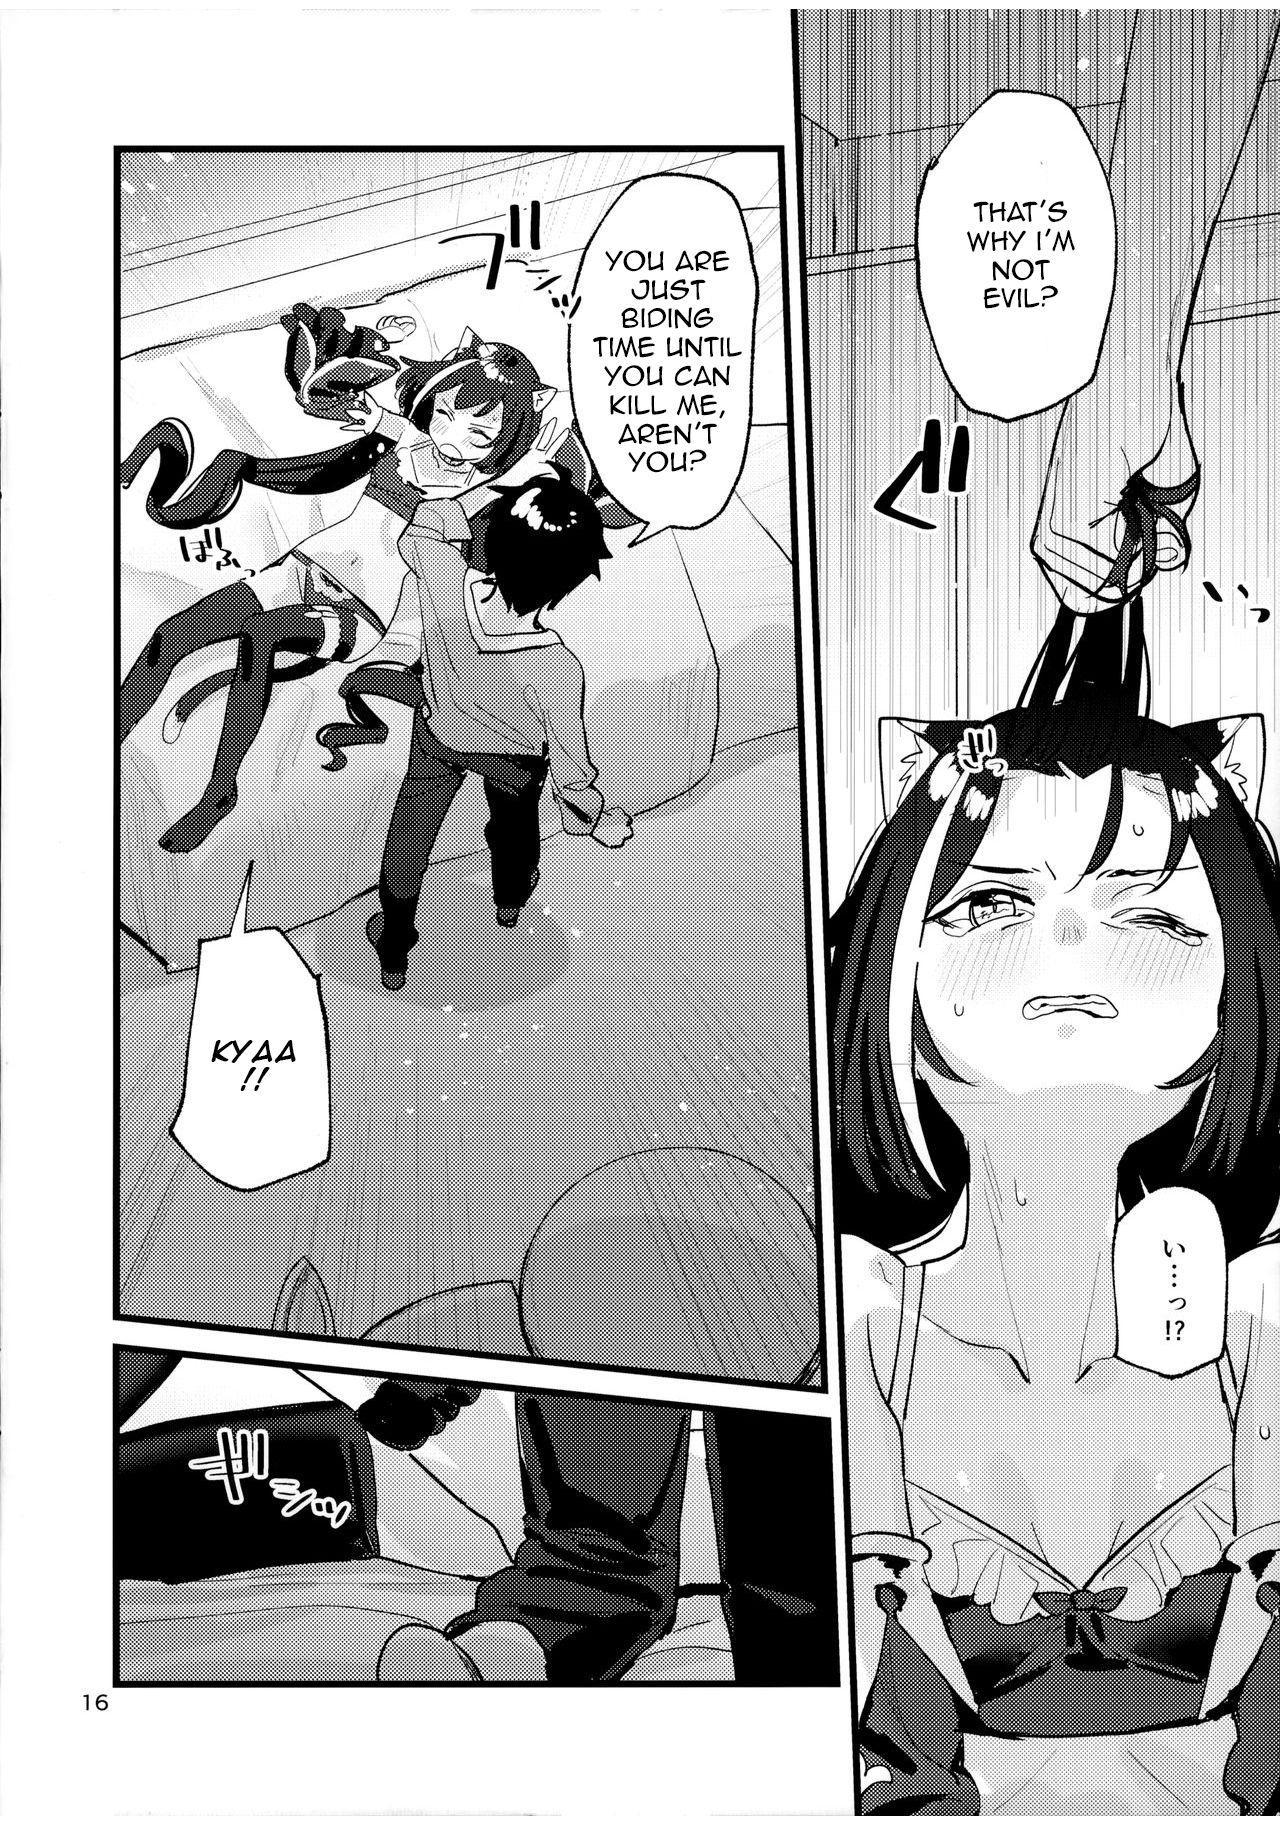 (C97) [Subachikyu! (Subachi)] Datte Kyaru-chan Uragirimono da yo ne | Because Kyaru-chan is a traitor (Princess Connect! Re:Dive) [English] [ekiB] 14